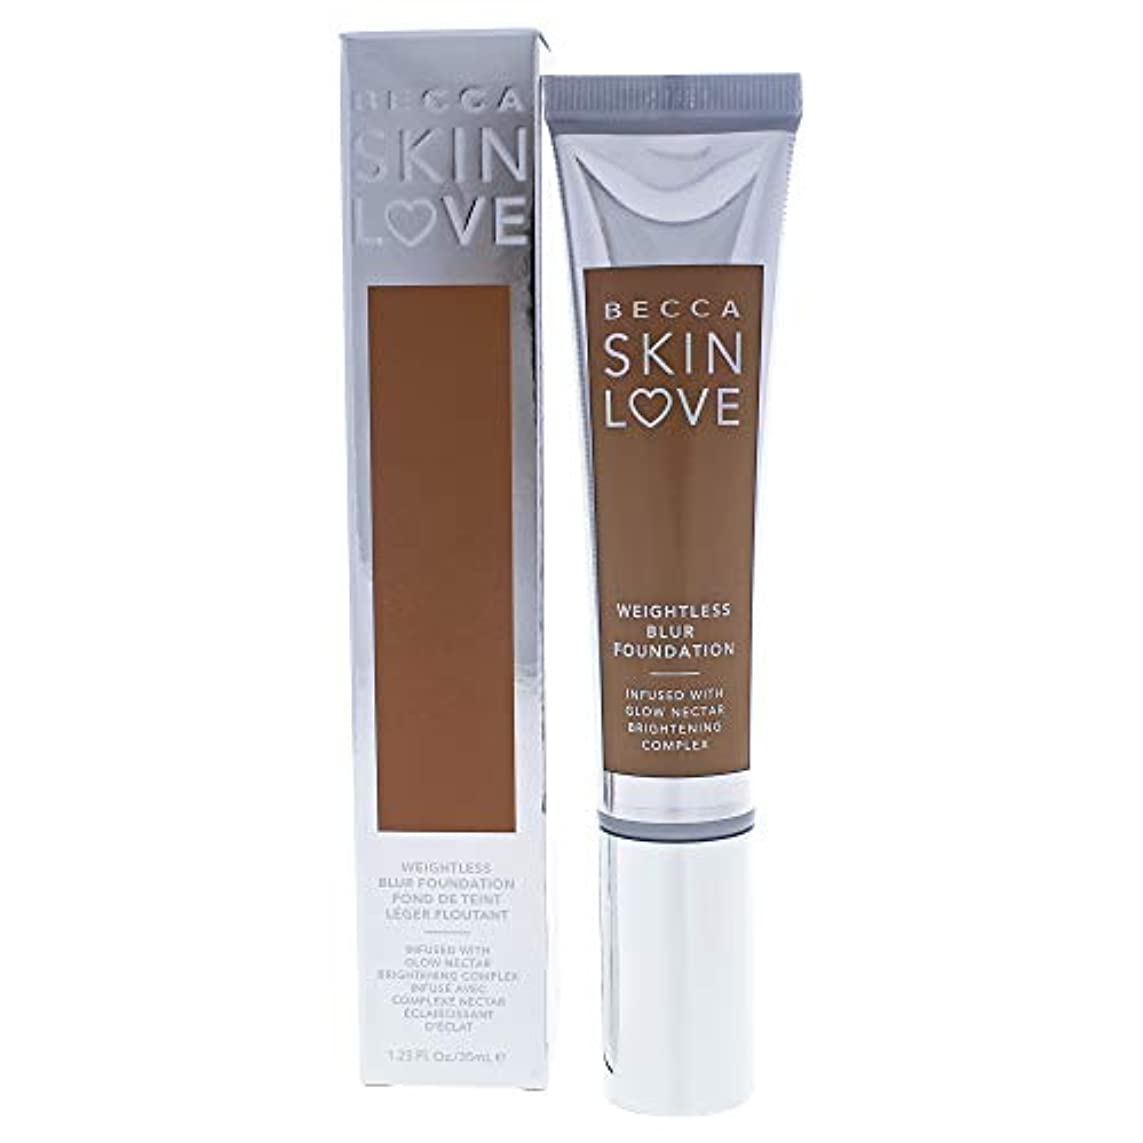 極貧贅沢なあえてベッカ Skin Love Weightless Blur Foundation - # Tan 35ml/1.23oz並行輸入品